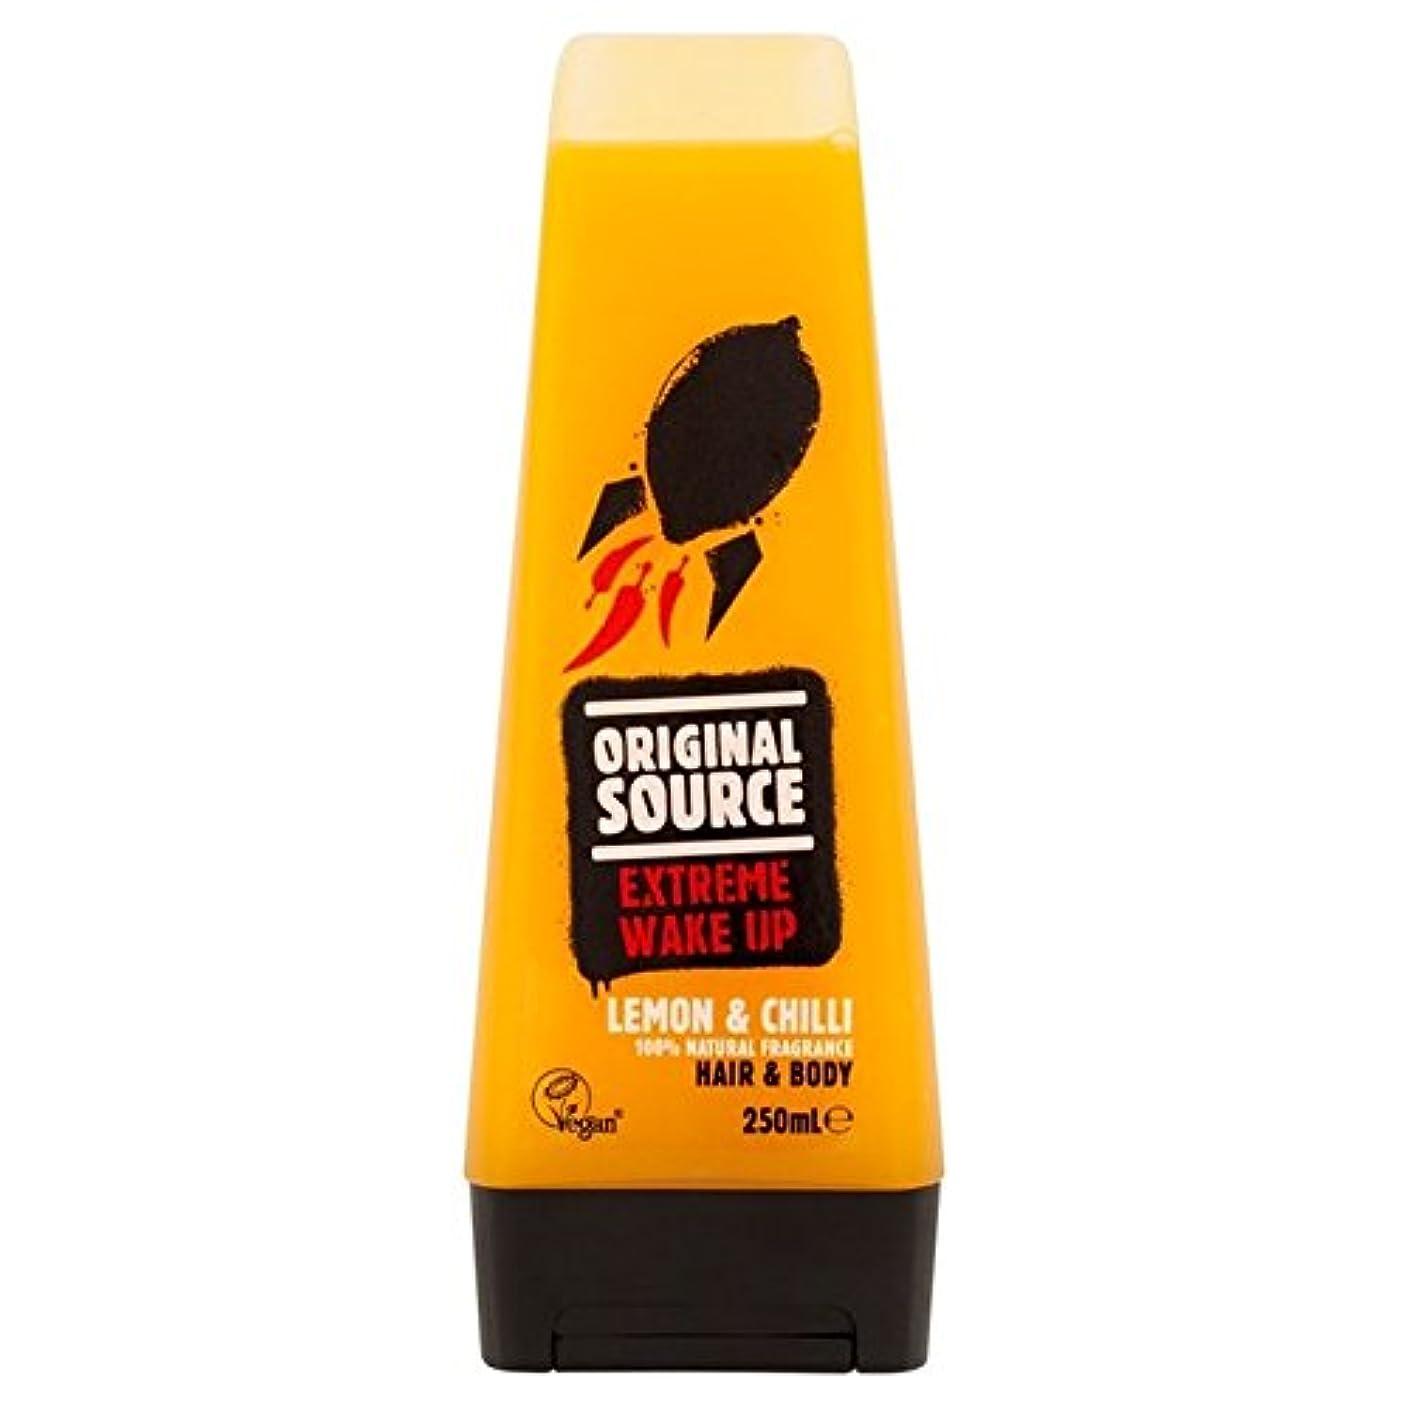 印象的均等に見る元のソースは、レモン&チリヘア&ボディシャワージェル250ミリリットルメンズ x2 - Original Source Mens Lemon & Chilli Hair & Body Shower Gel 250ml (...